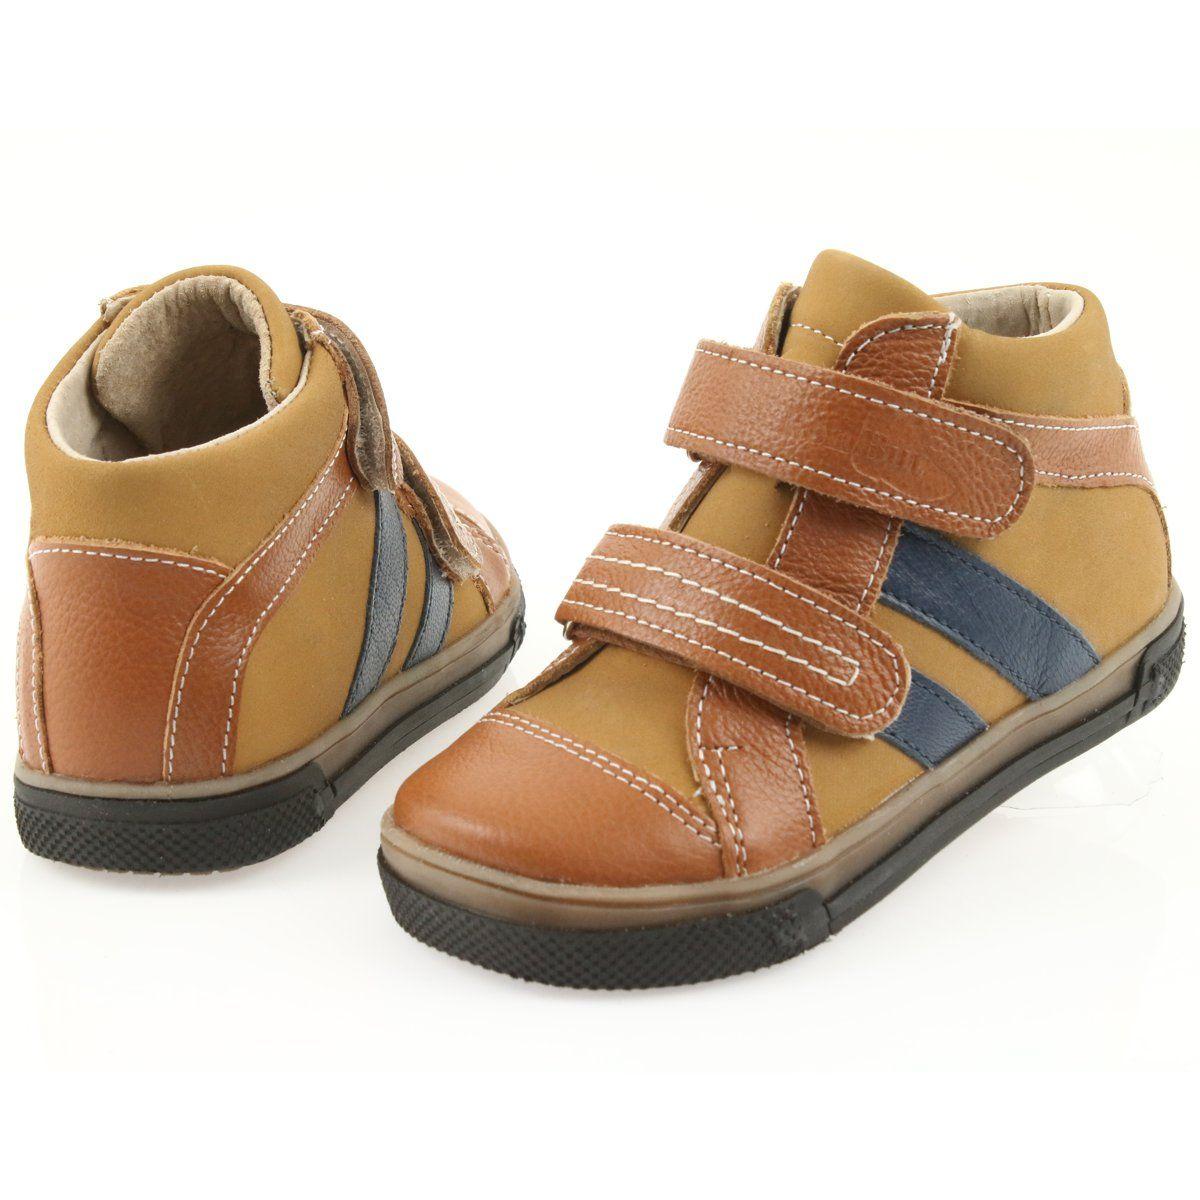 Trzewiki Buty Dzieciece Na Rzepy Ren But 3225 Rudy Granat Brazowe Granatowe Sepatu Anak Sepatu Anak